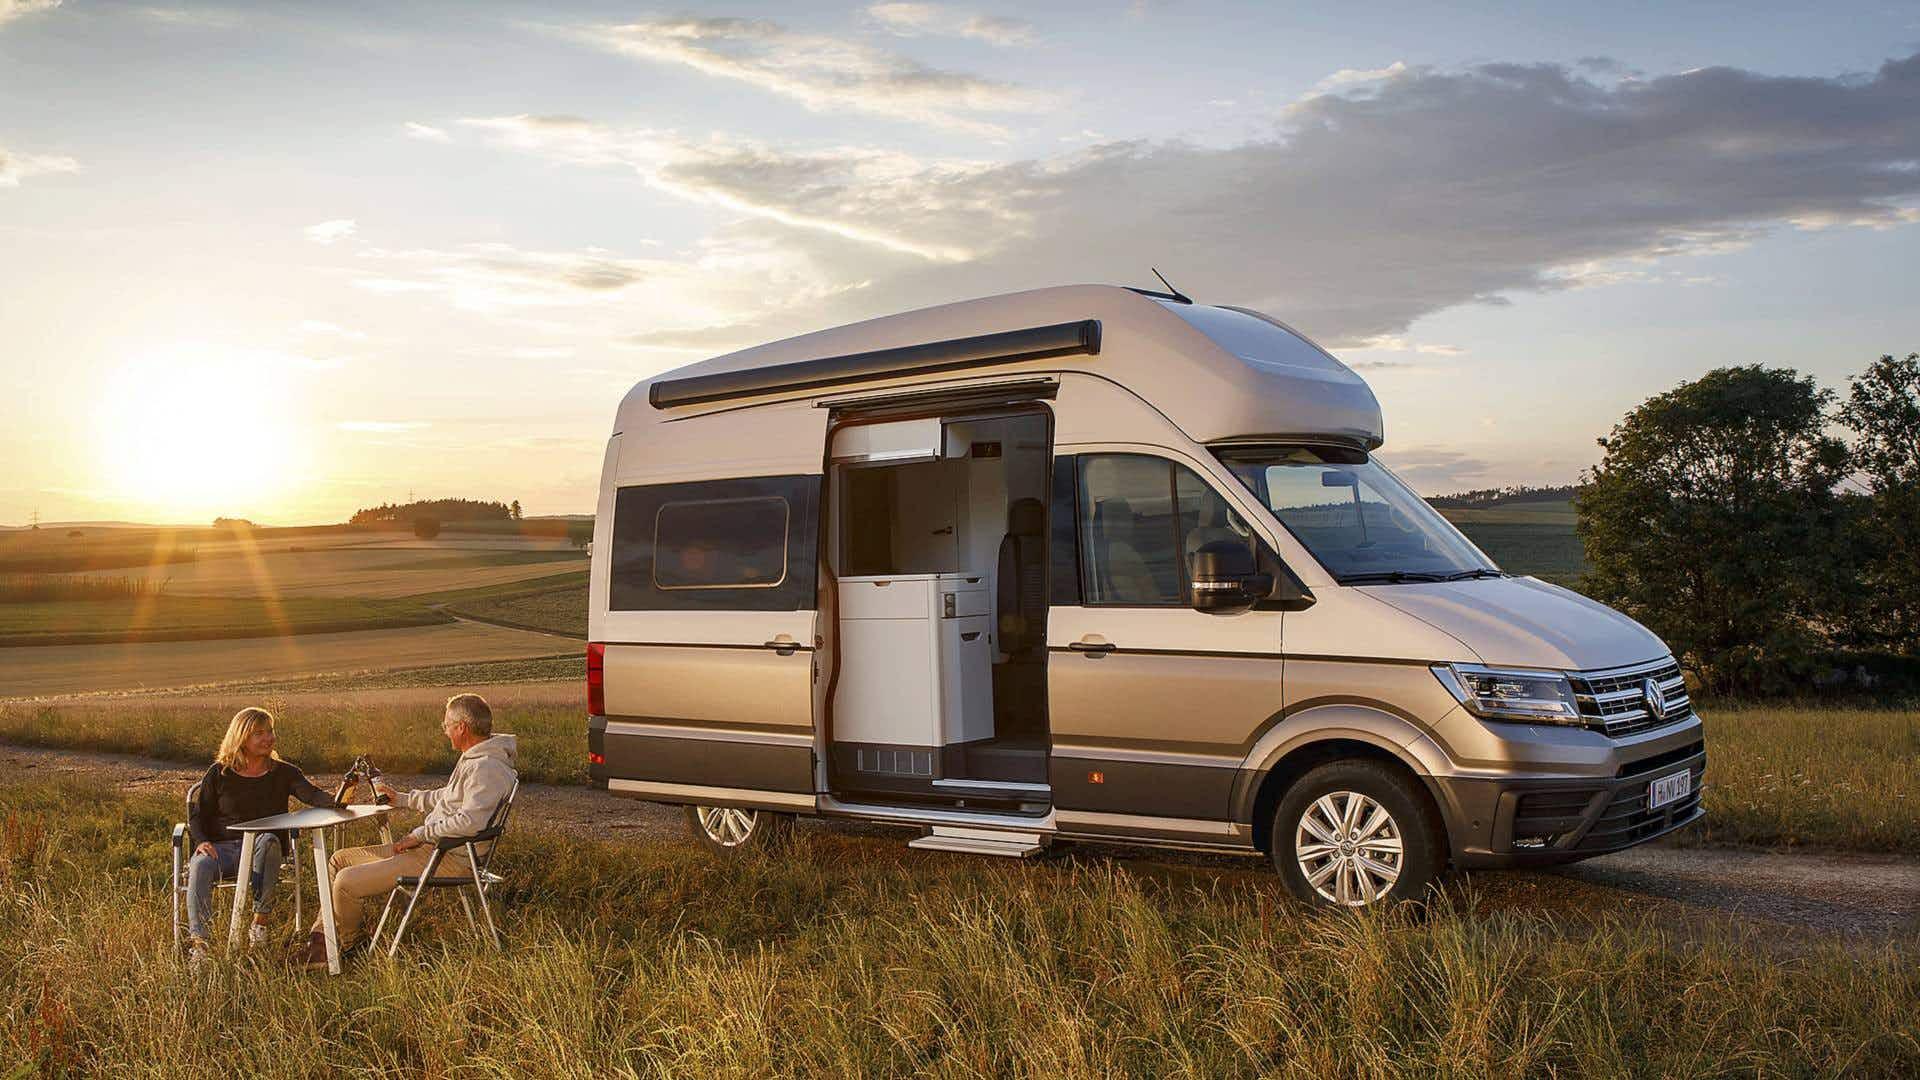 Volkswagen is releasing an extra large camper van so you can travel in comfort